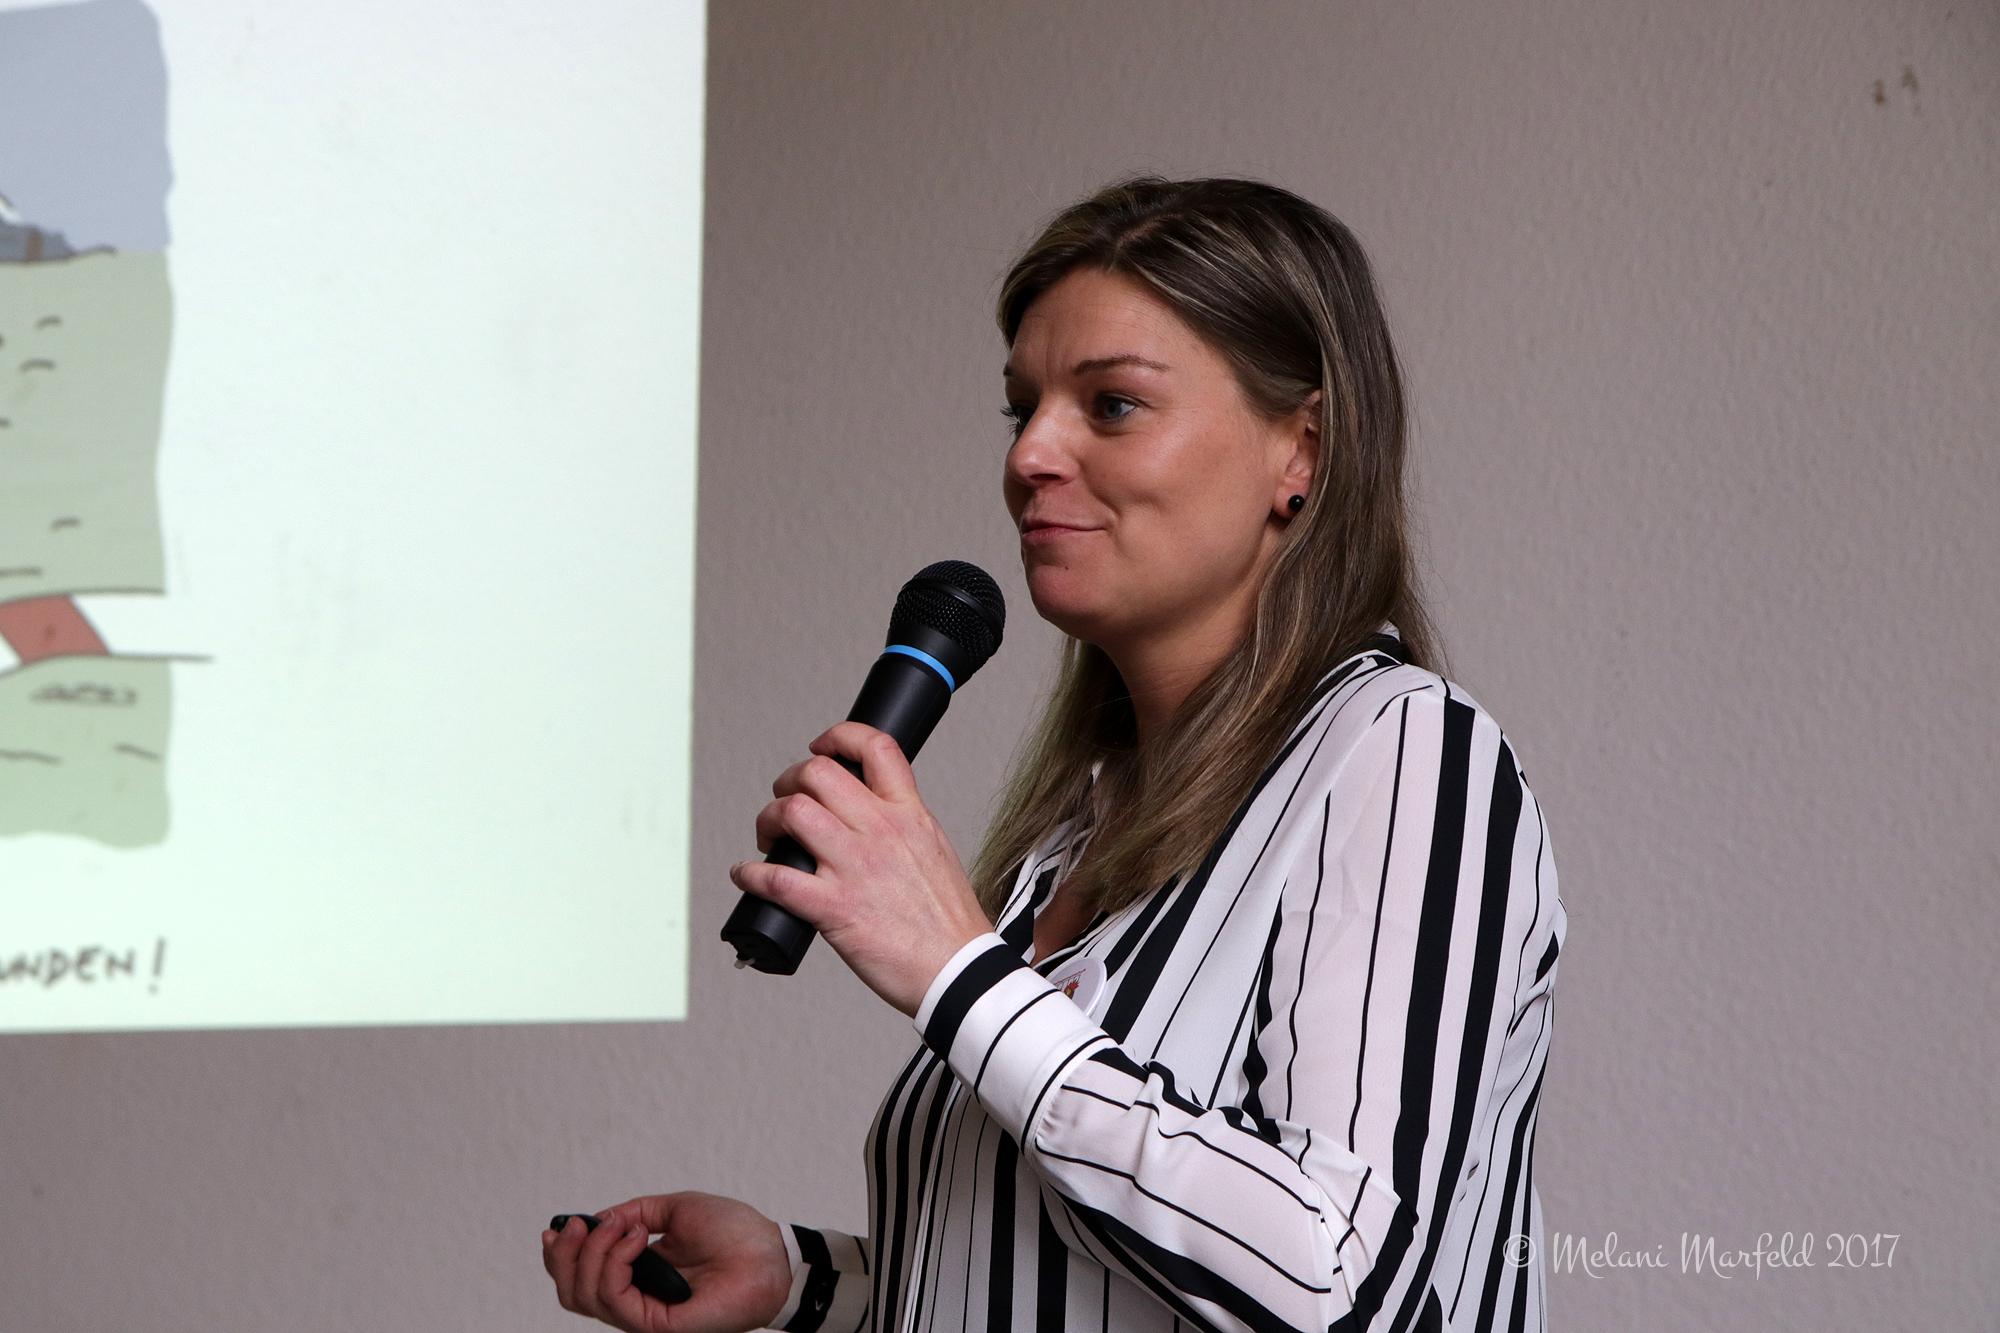 Prof. Dr. rer. nat. Karina Reiss